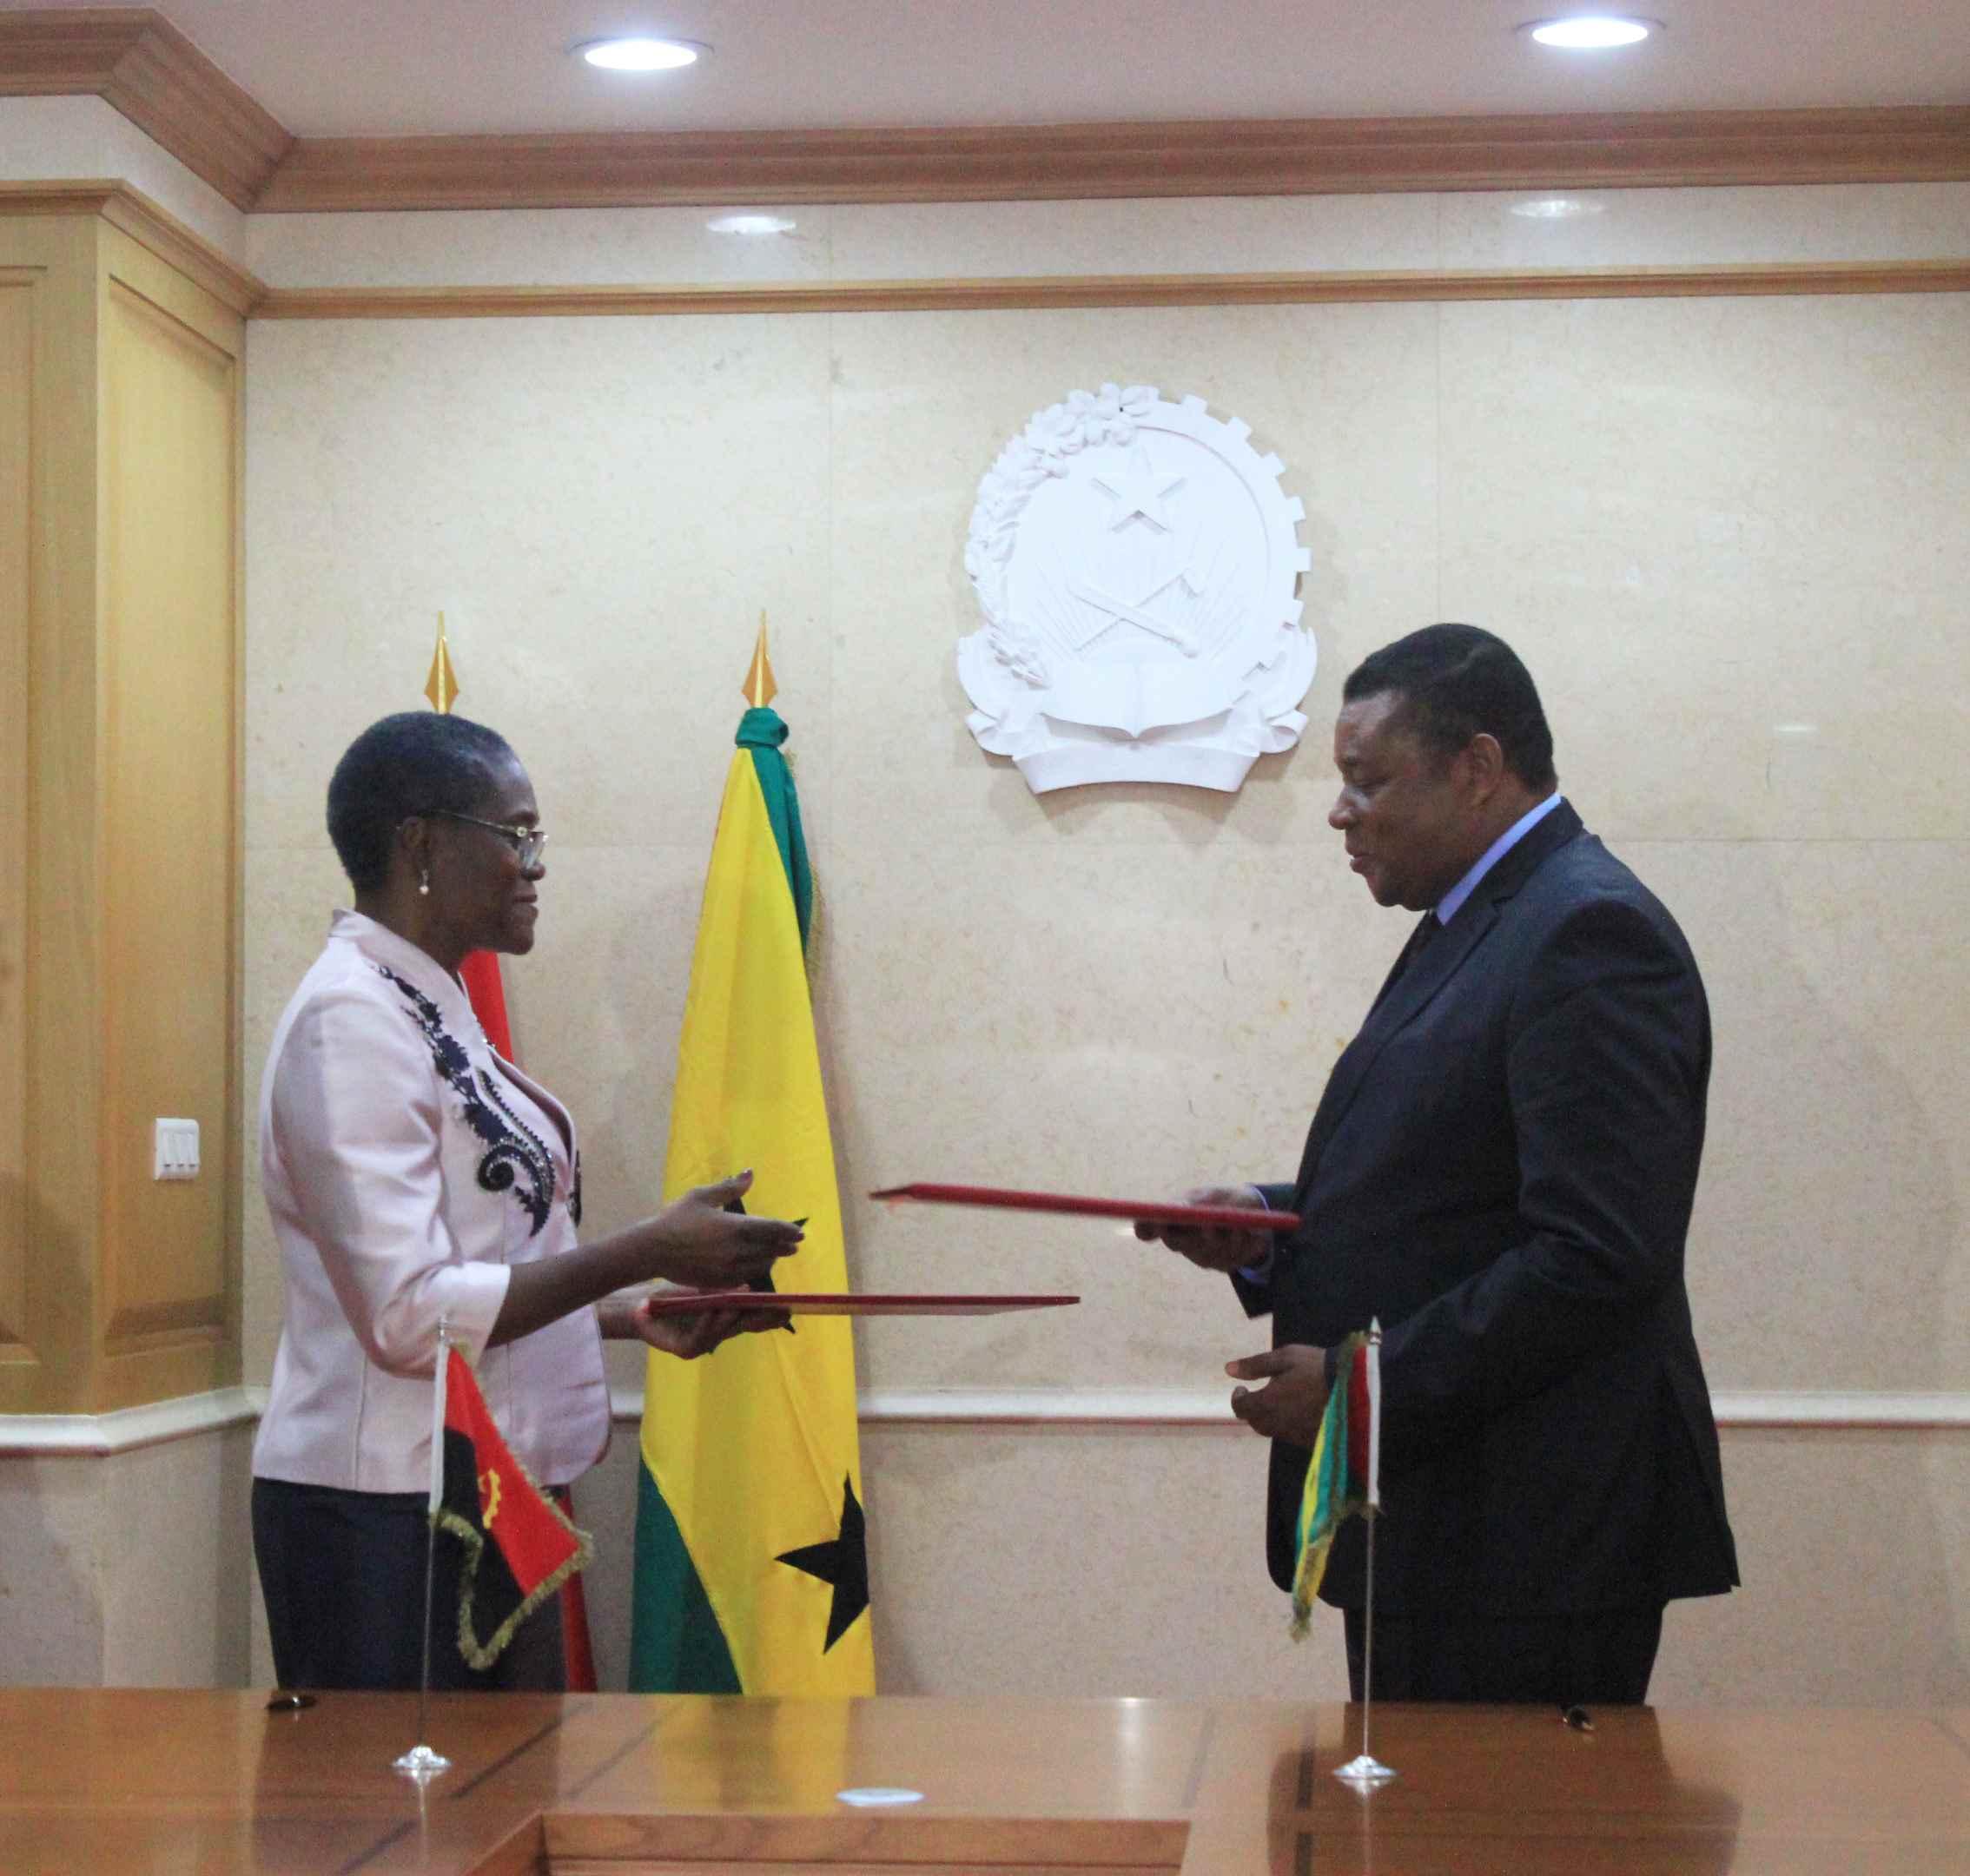 Assinatura de Acordo de Cooperação entre o Tribunal de Contas de Angola e o Tribunal de Contas de São Tomé e Príncipe